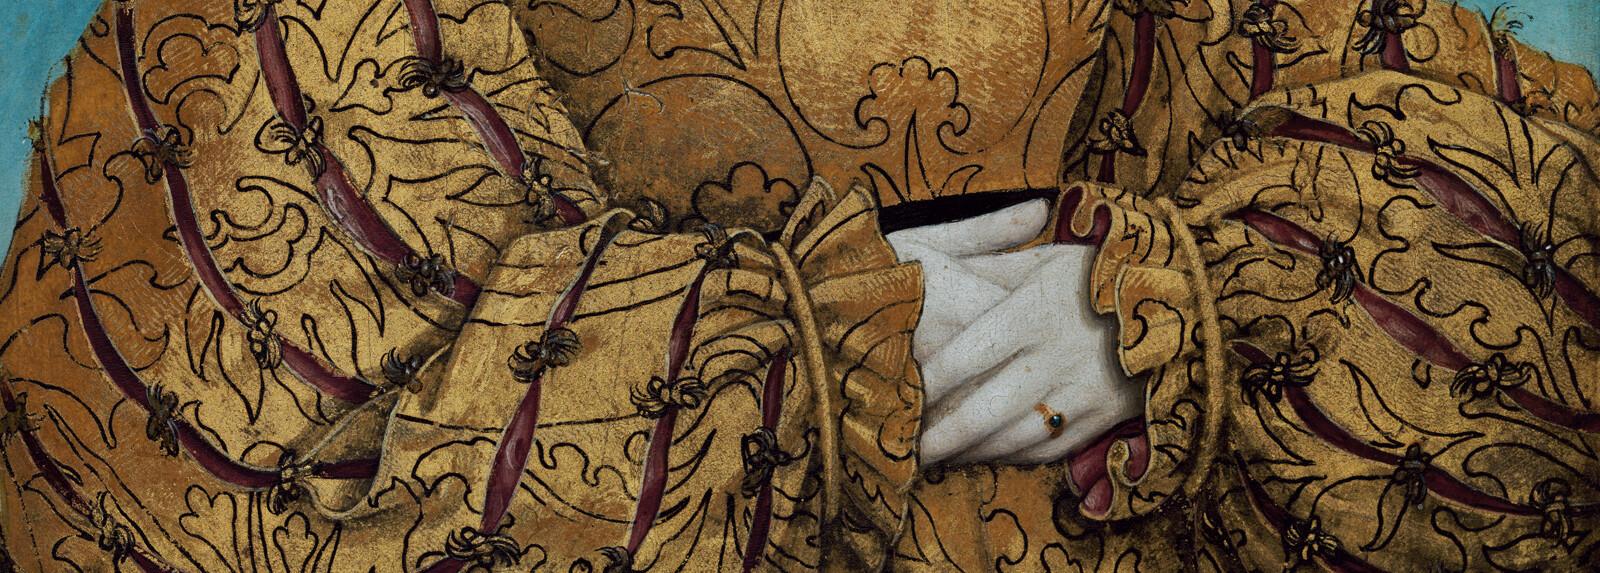 Maler: Königin Anna - Reinhard Görner